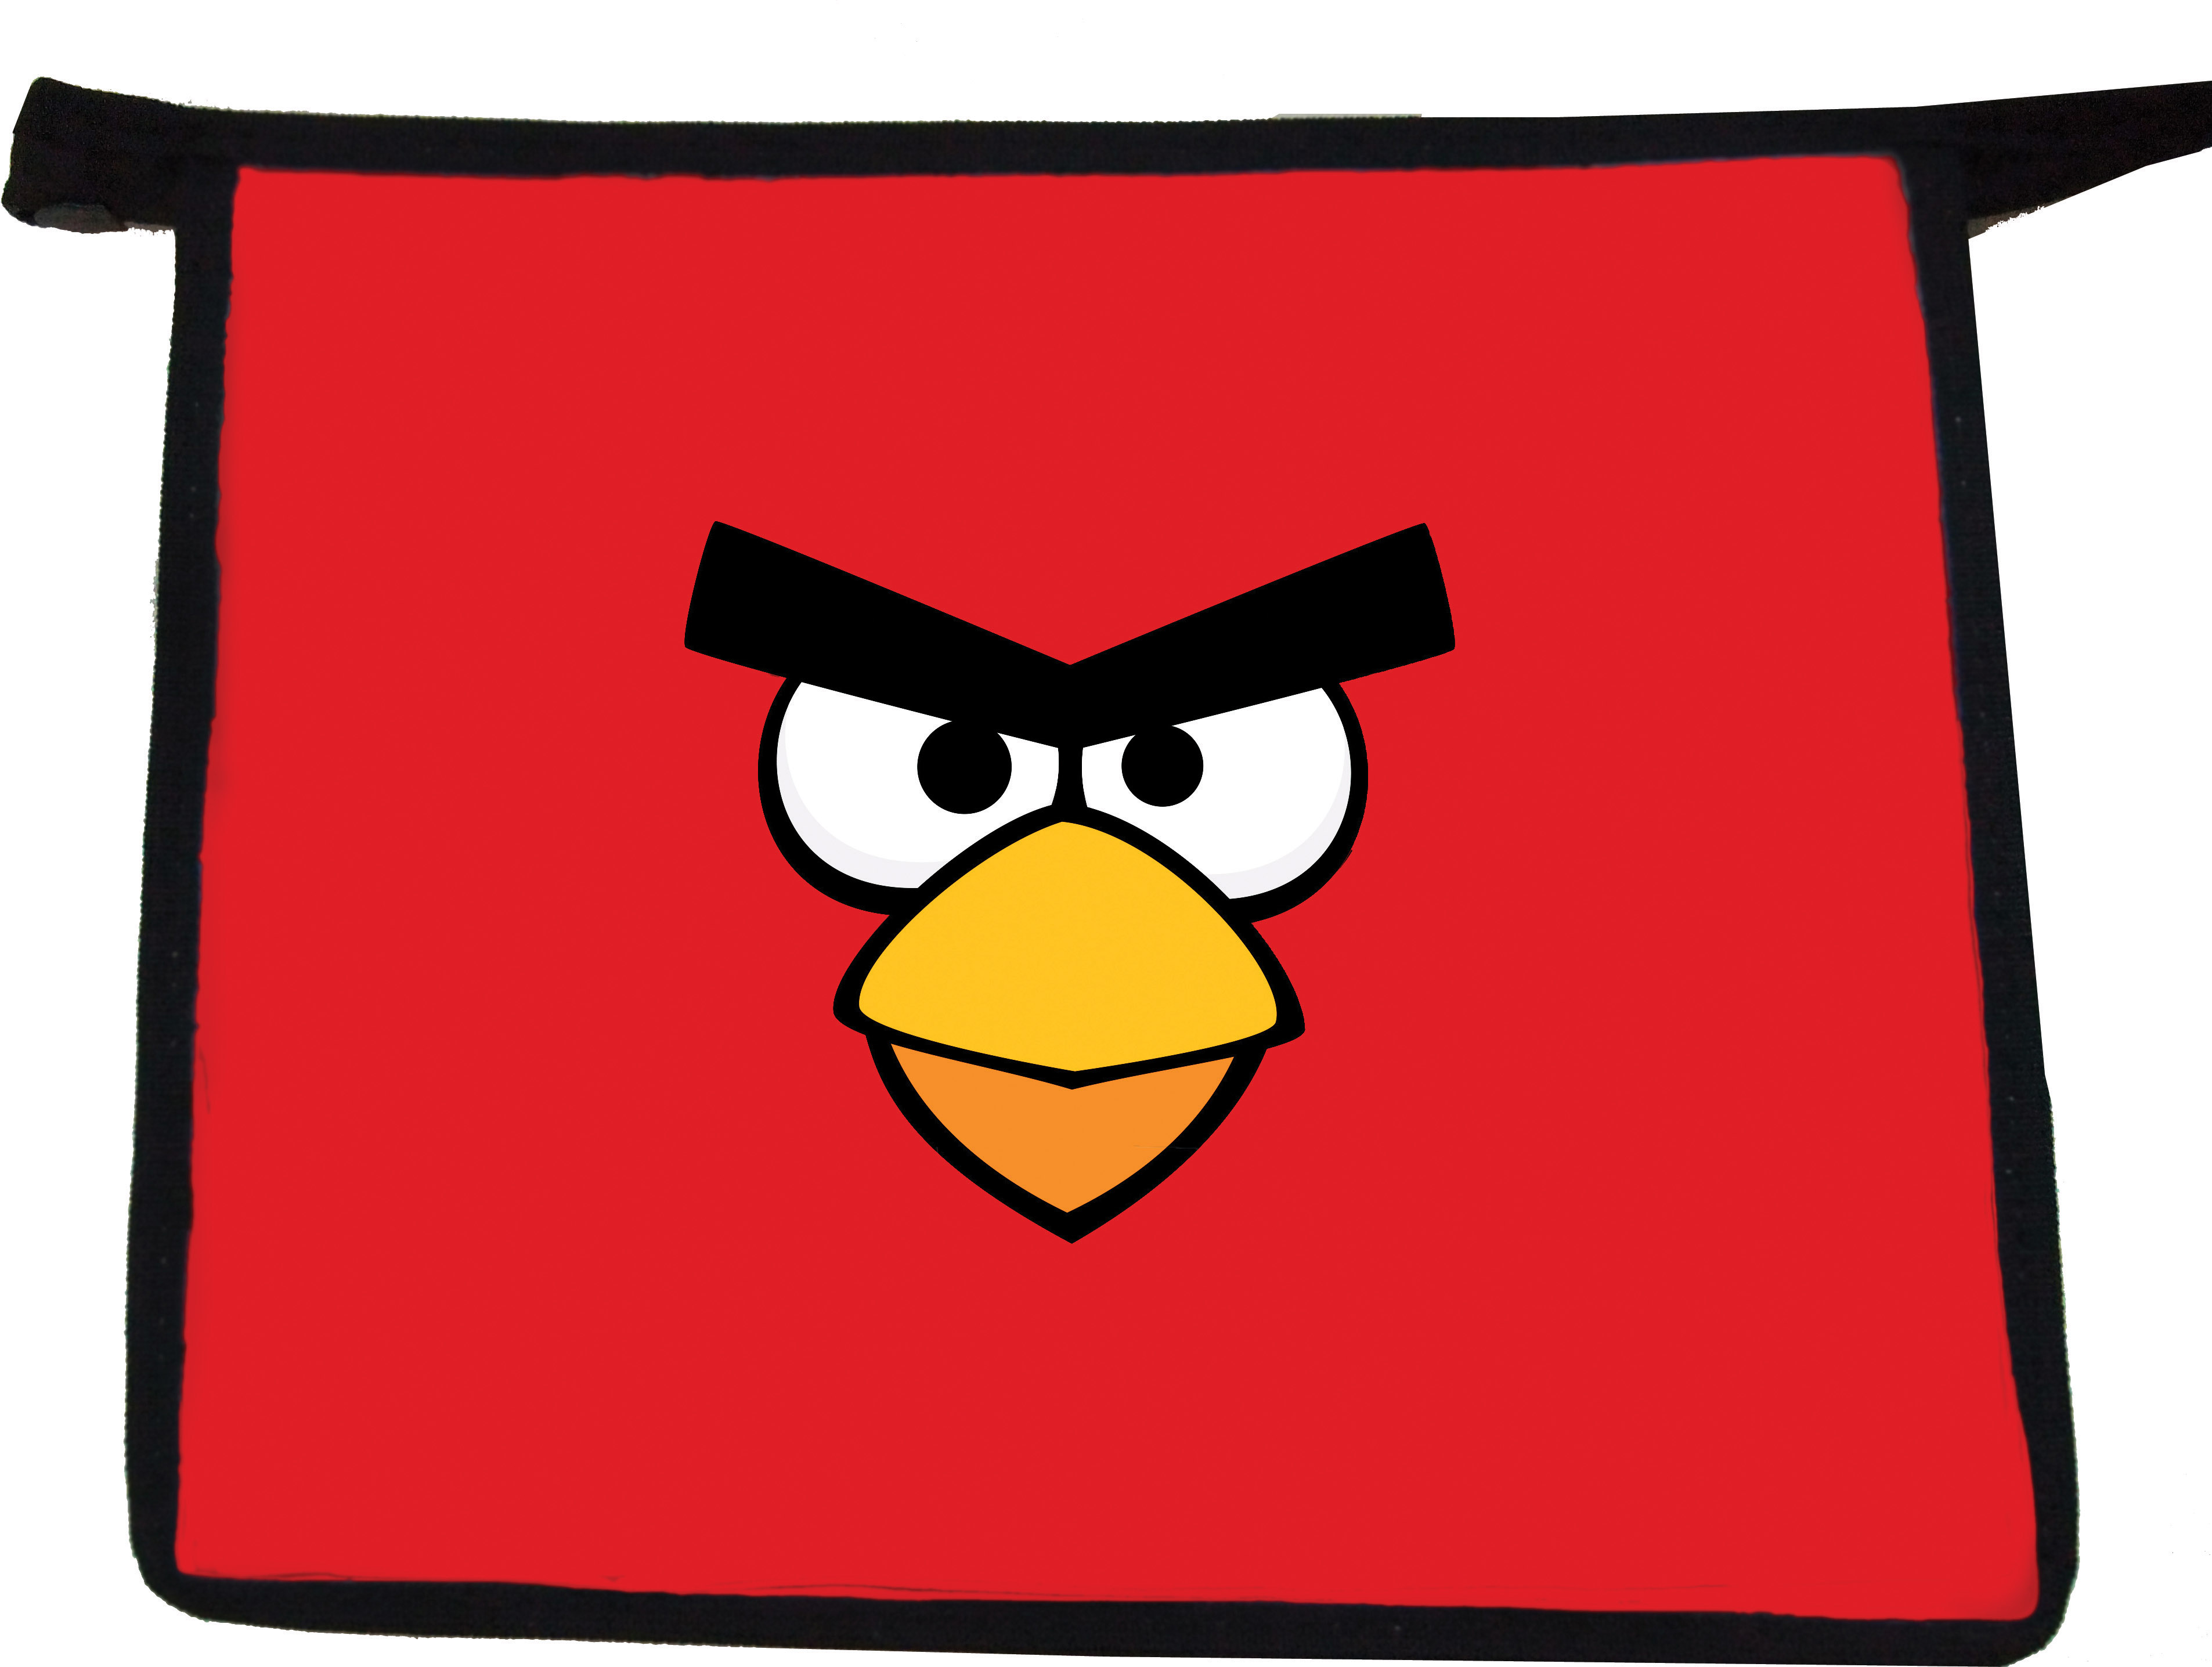 купить Папка- для тетрадей Angry birds ,формат  А4,пластик, на молнии по цене 153 рублей